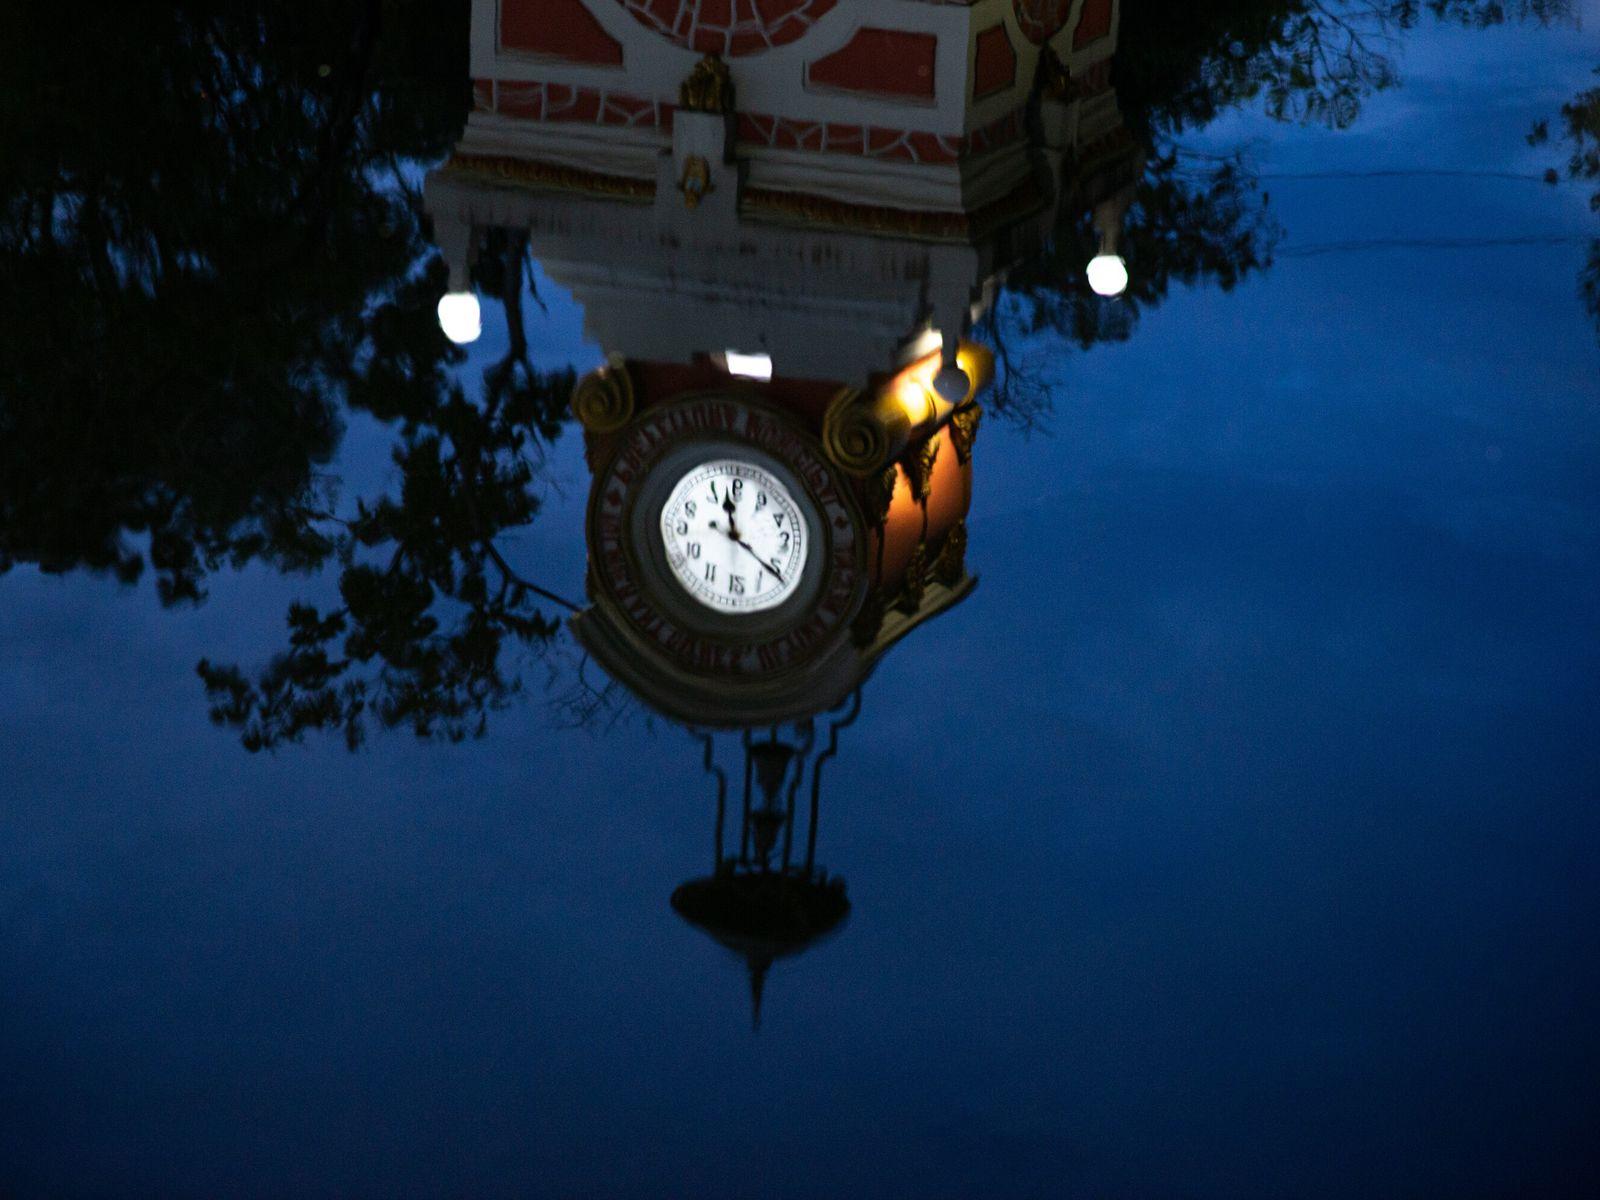 O Relógio Municipal de Manaus é refletido nas águas que inundaram a cidade durante as cheias ...